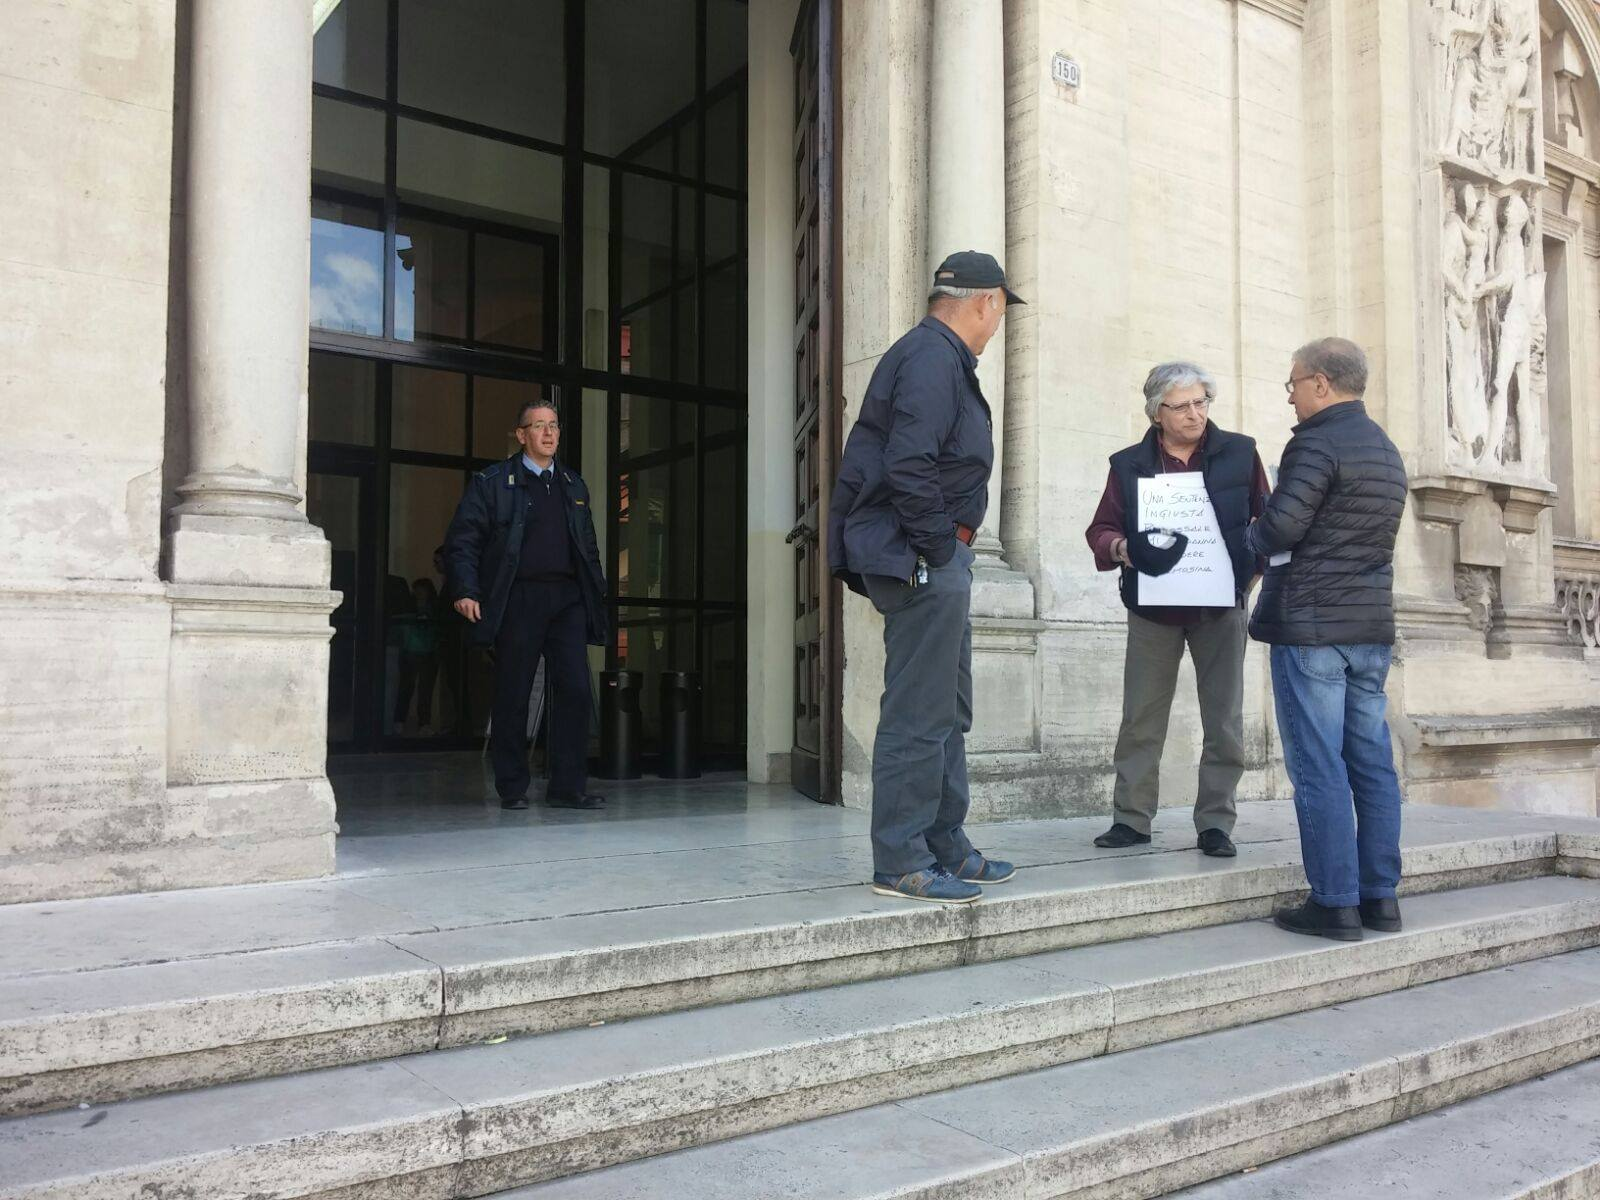 Diffamazione, la Corte D'Appello conferma la condanna nei confronti di Paolo Fantauzzi